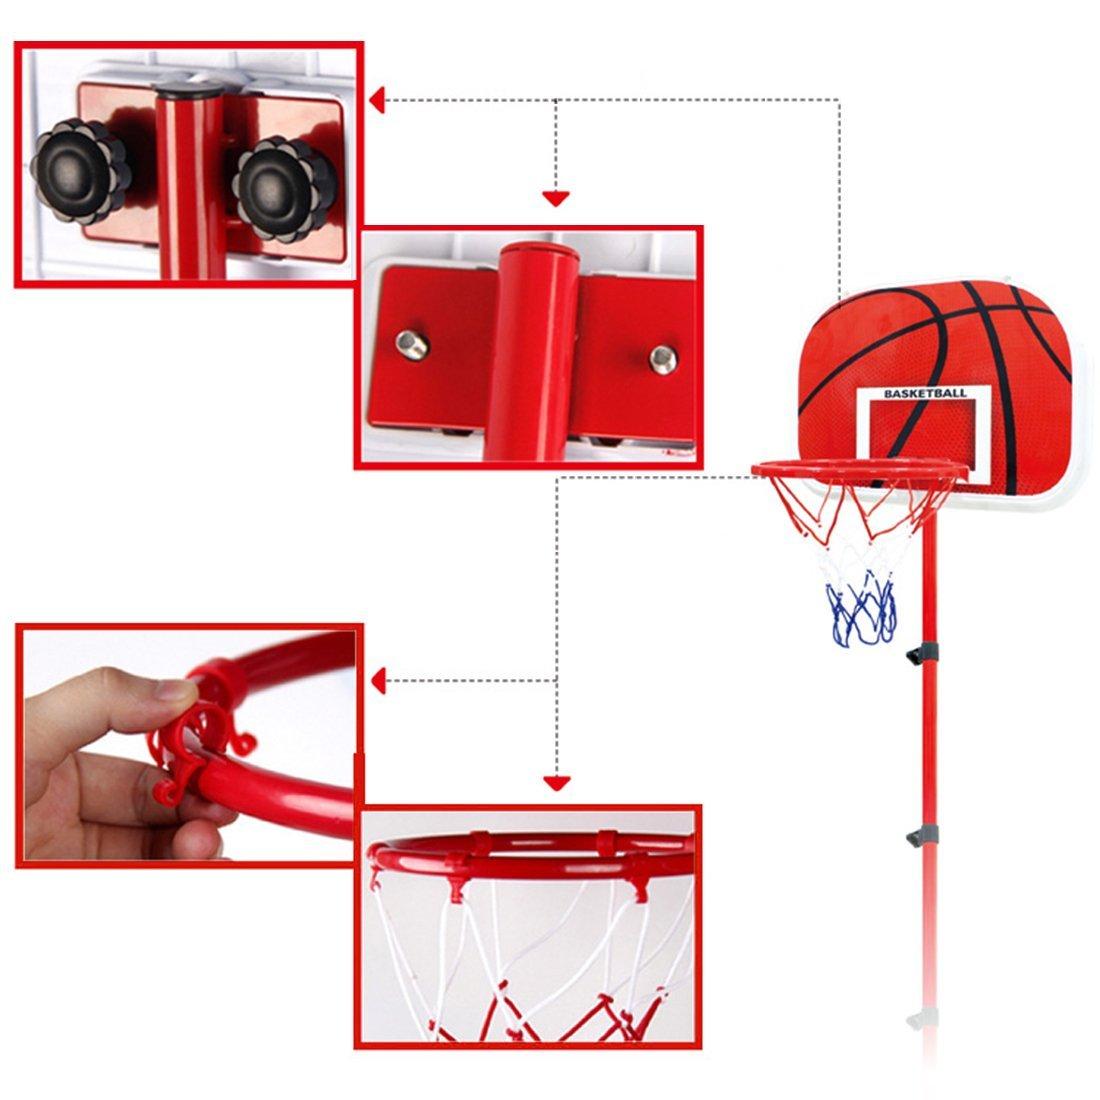 Ball und Pumpe 63-105 cm Basketballst/änder h/öhenverstellbare LVPY Basketballkorb Set inkl f/ür Kinder 3 Jahre